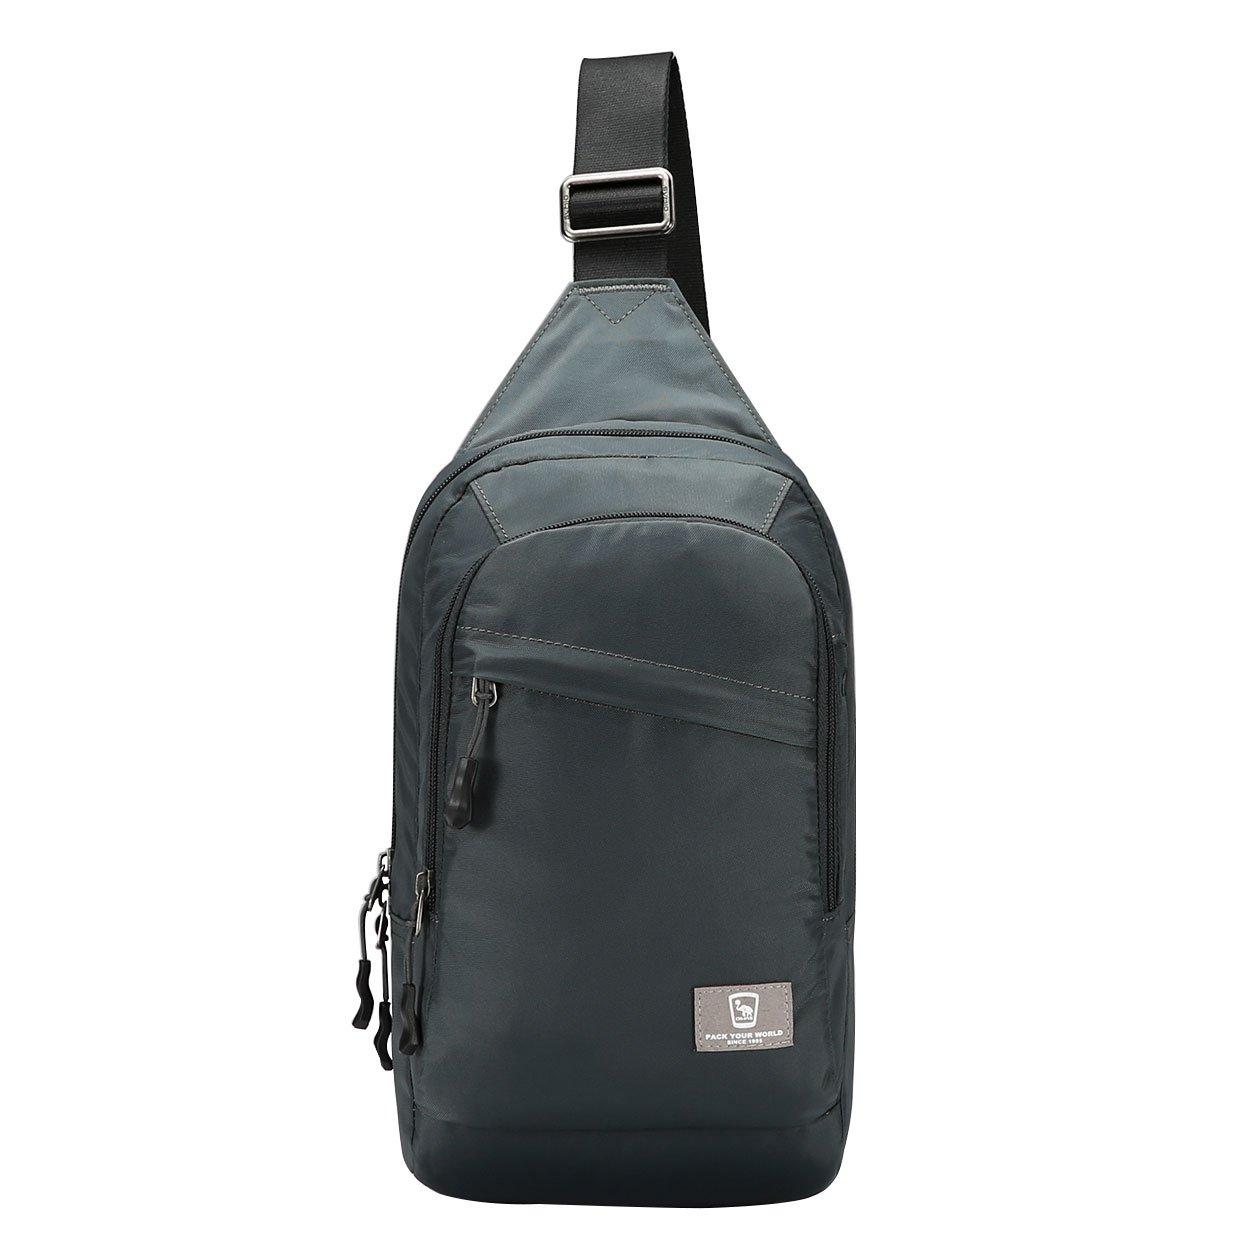 Oiwas Sling Bag Per Uomini E Donne Zaino Da Viaggio Crossbody Daypack Per L'Escursionismo, Il Pendolarismo E Il Viaggio